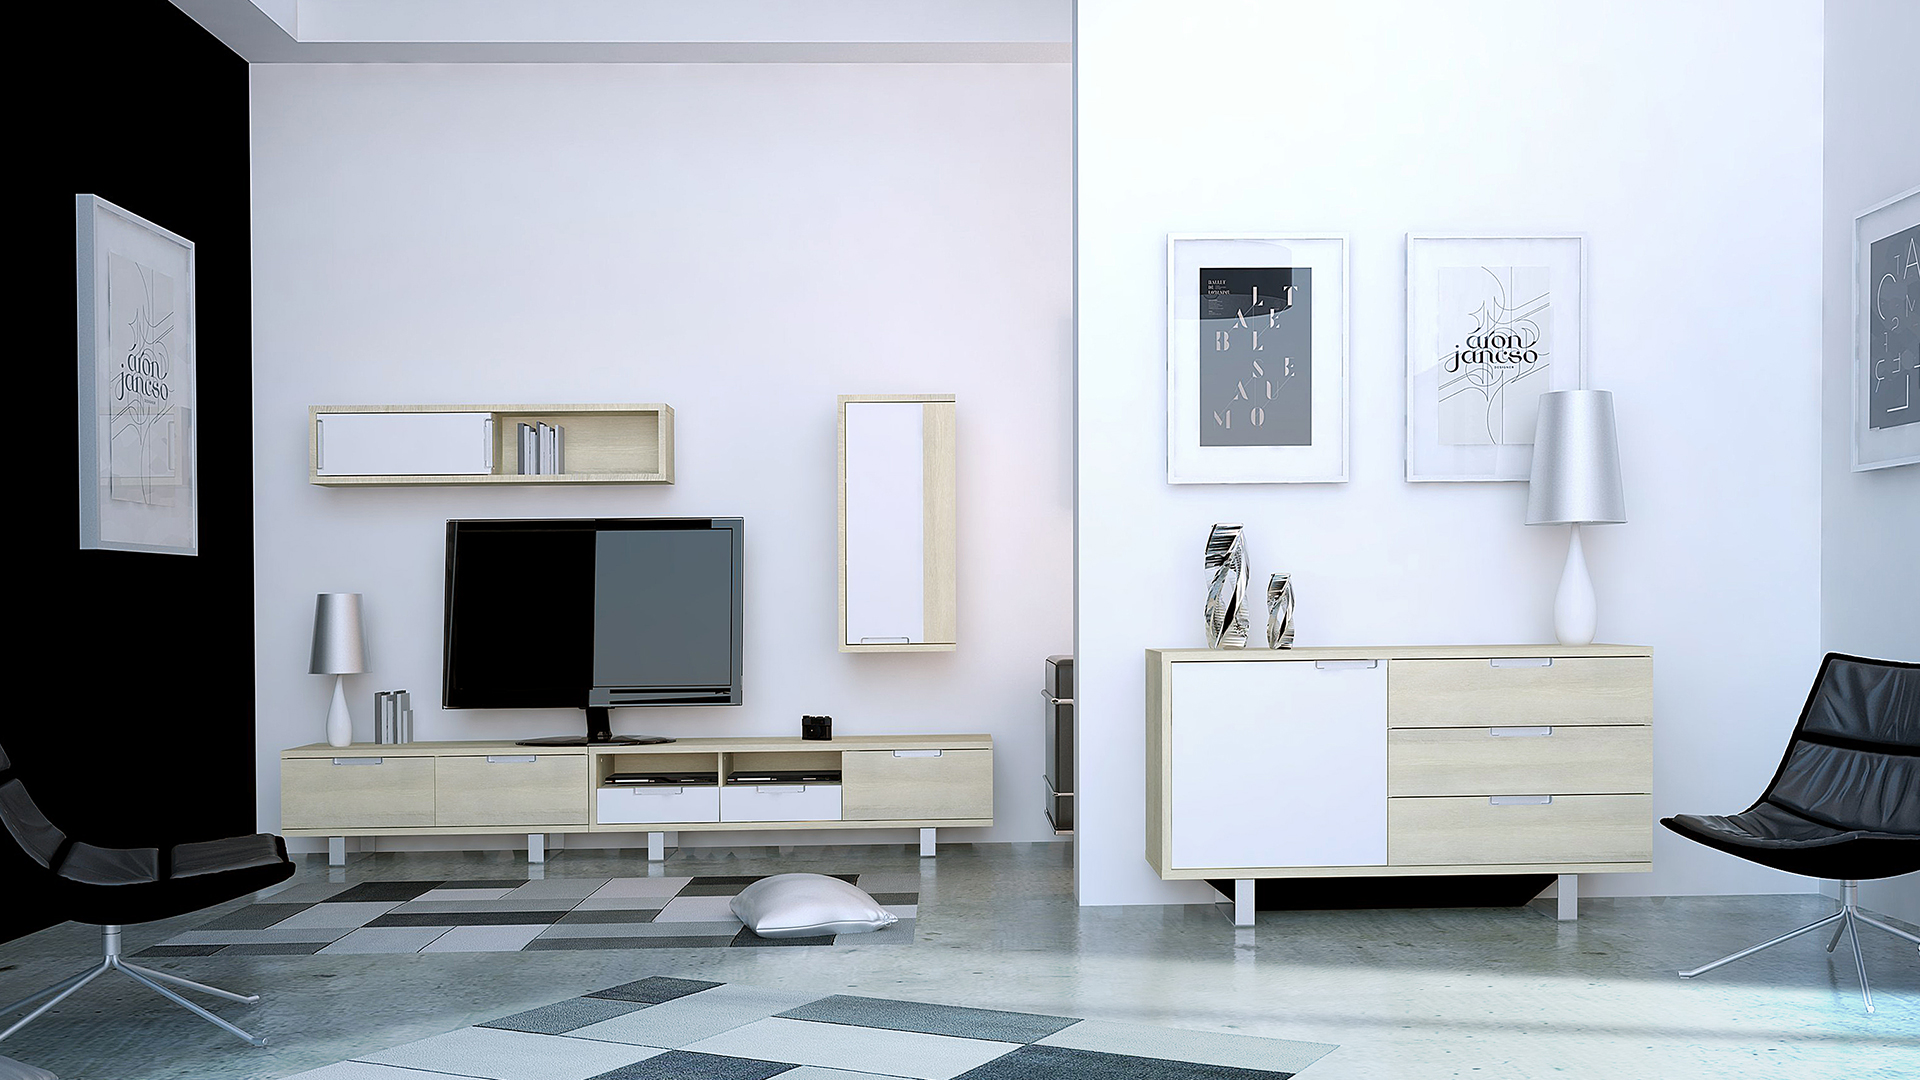 salon scandinave bois clair blanc ankmar 7 mobiliermoss le blog mobilier moss